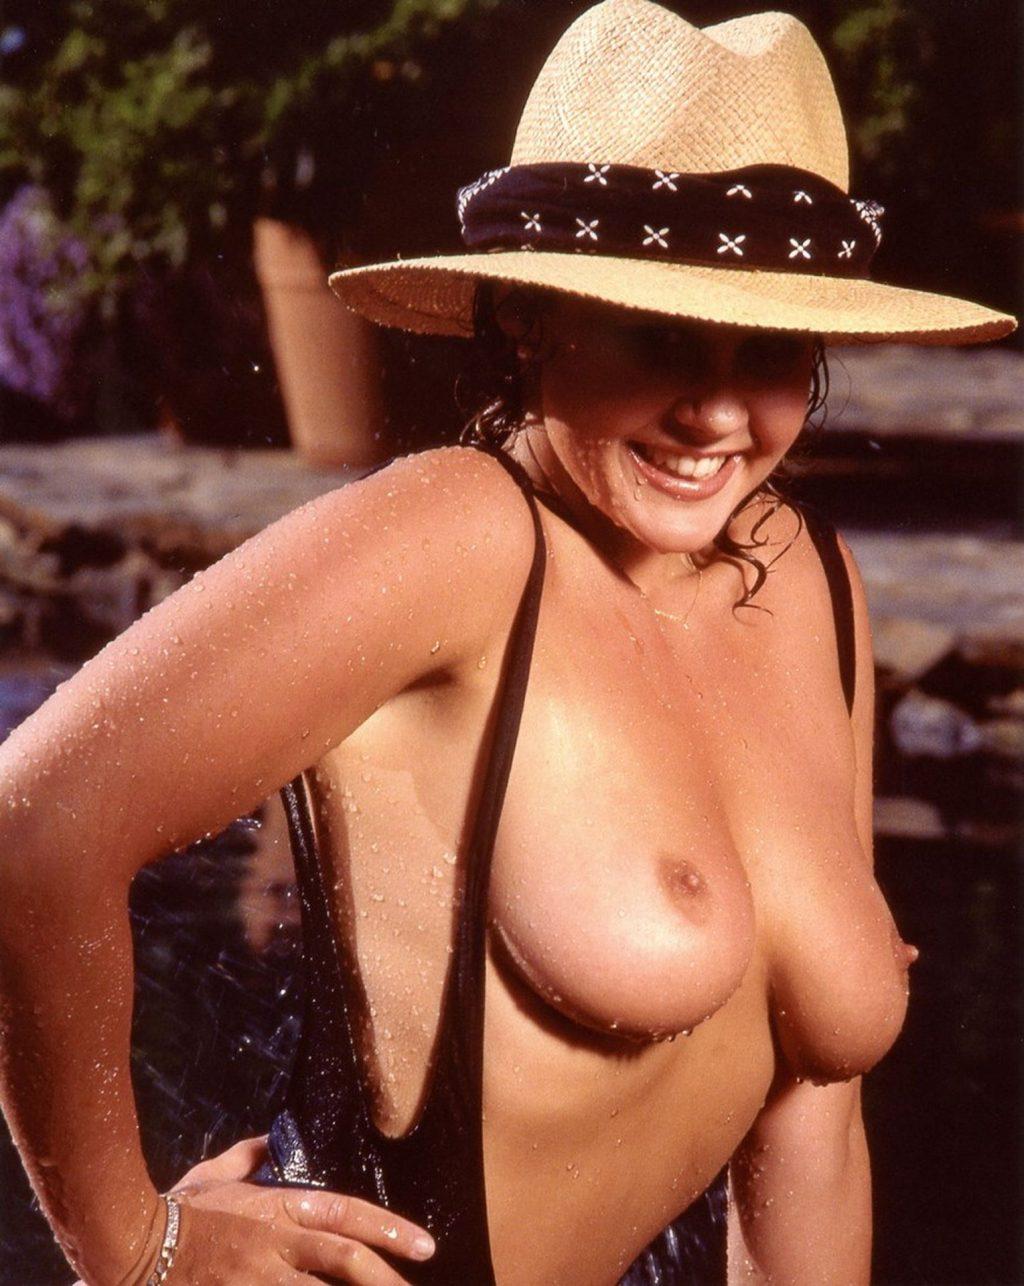 Linda Blair Nude Ultimate Collection (52 Photos + GIFs & Videos)